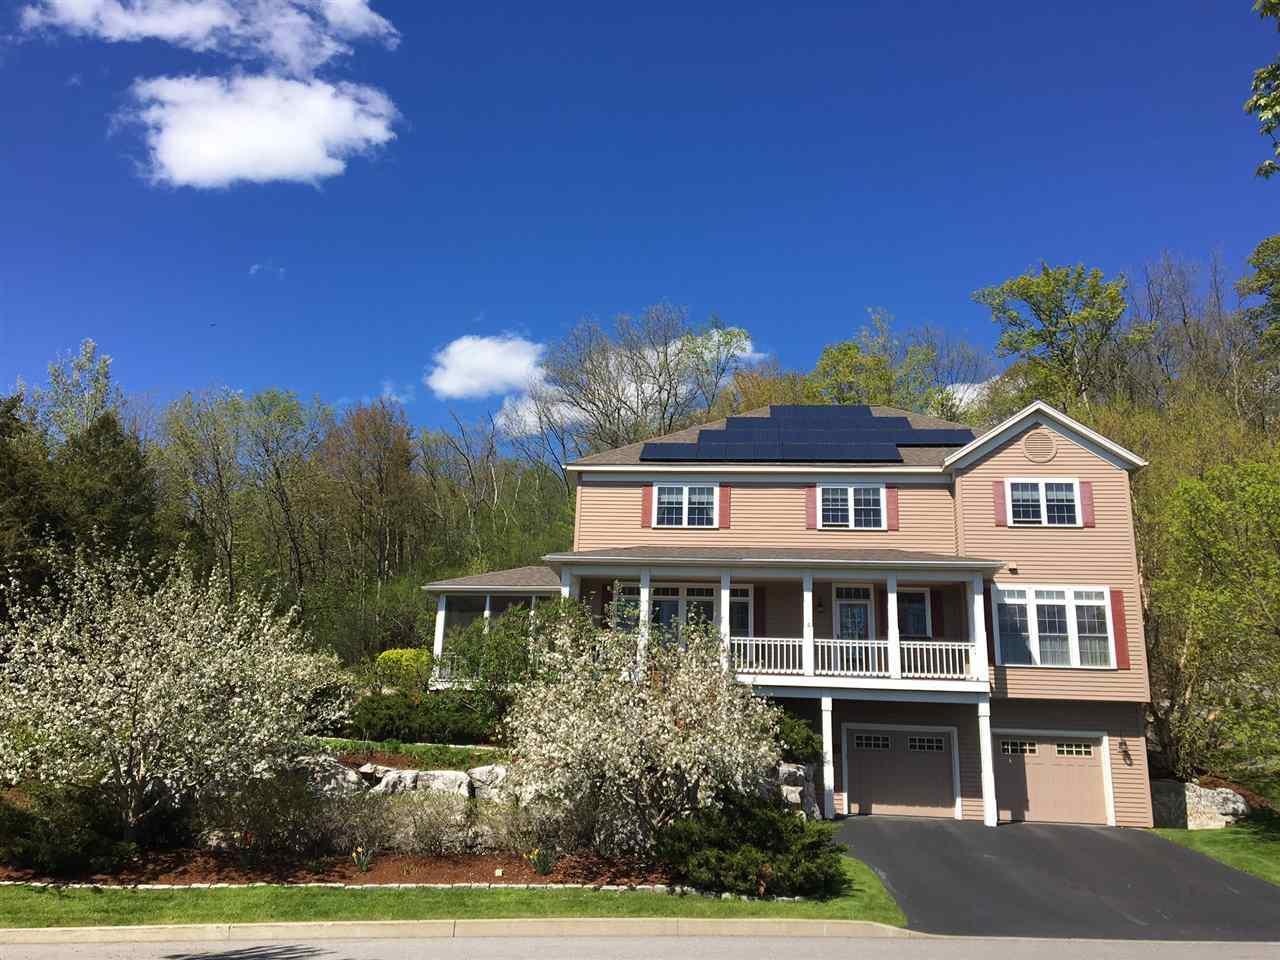 240 Boulder Hill Dr Shelburne Vt Mls 4640465